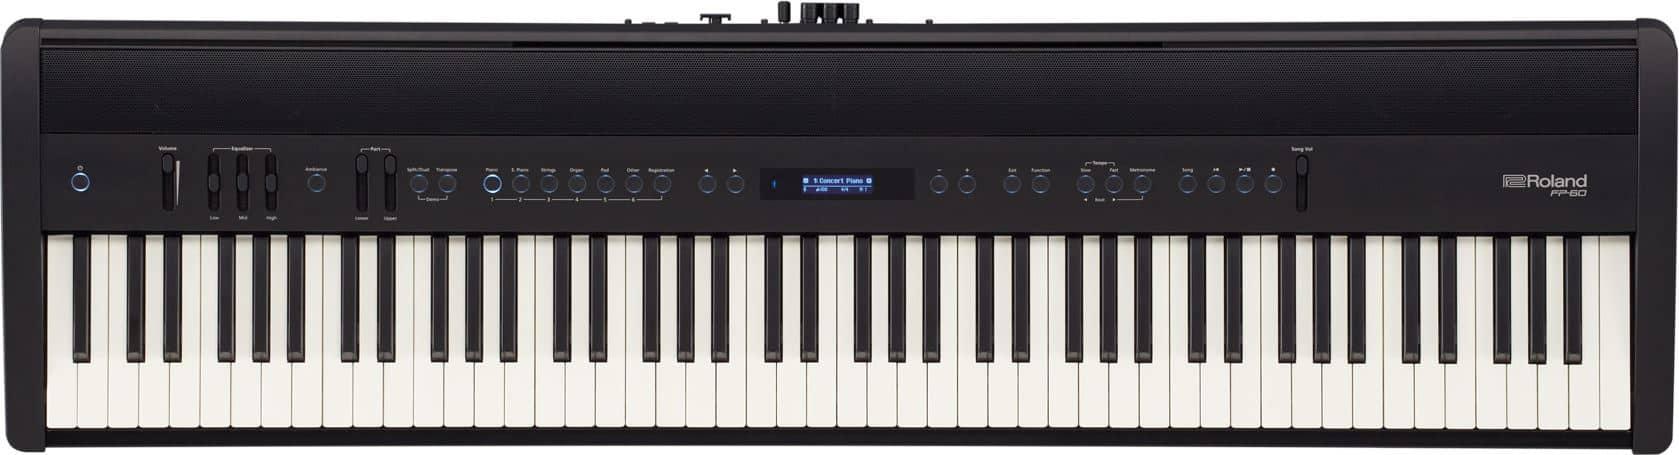 Roland FP-60 88-key Portable Digital Keyboard